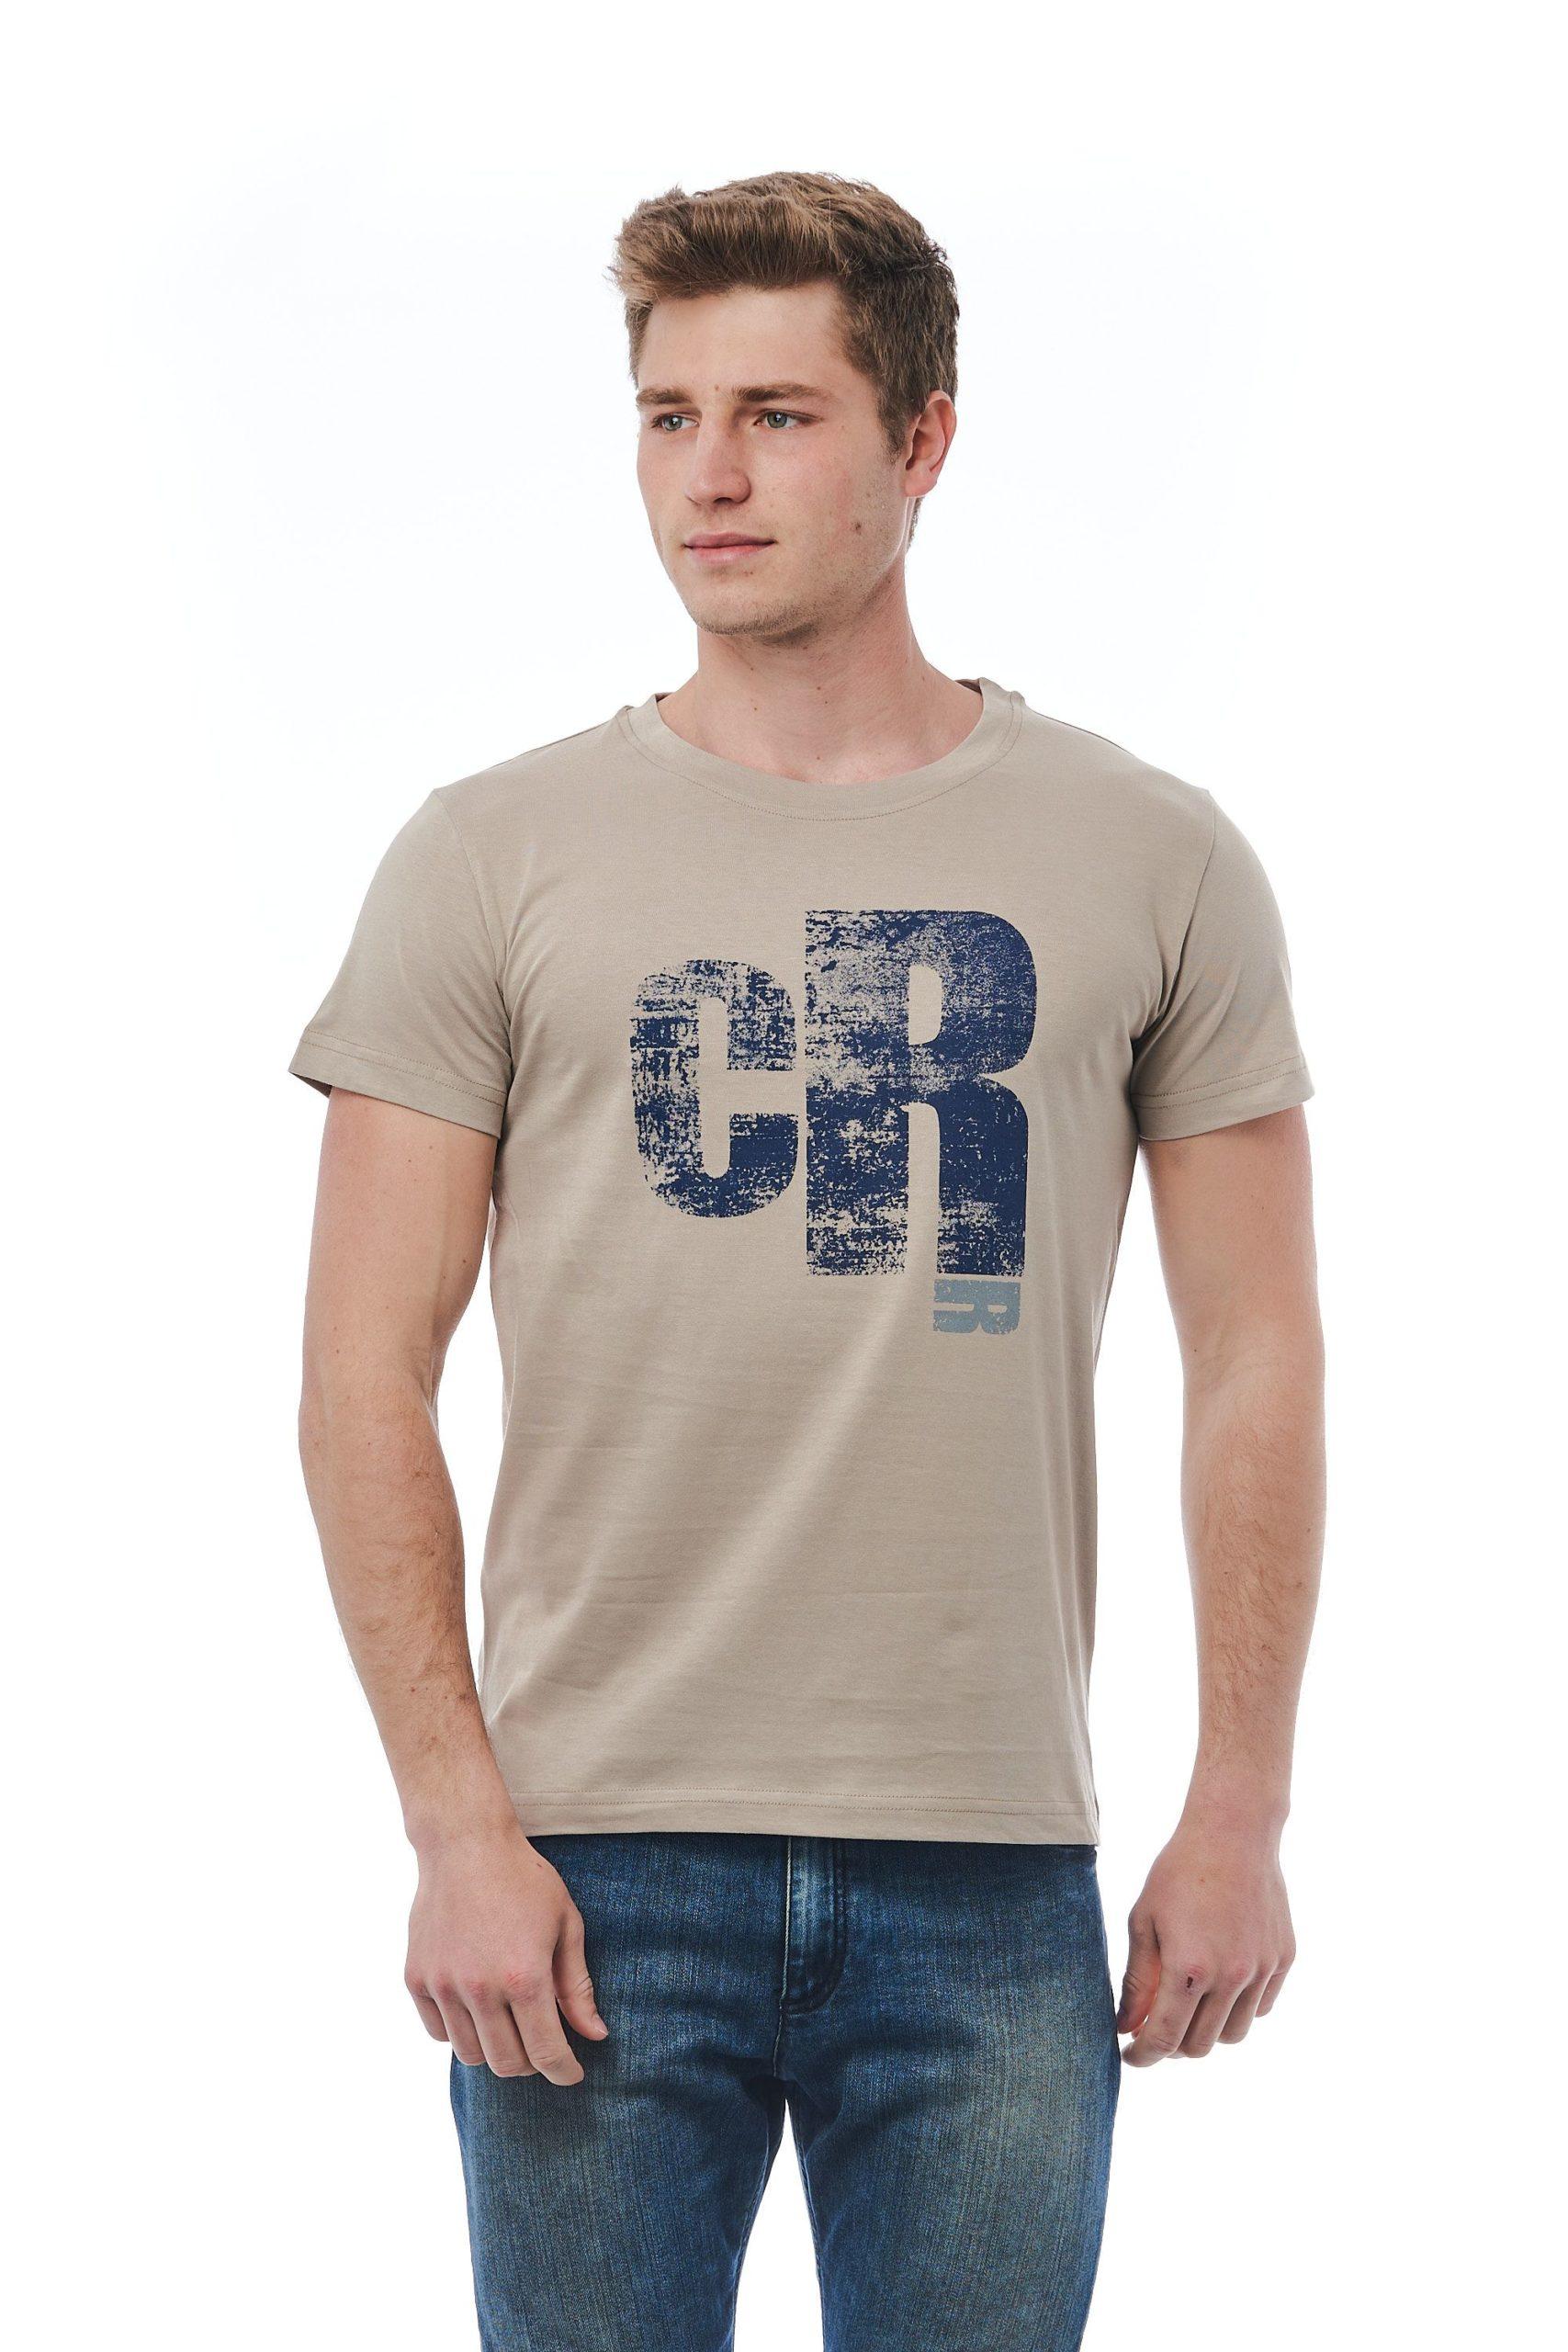 Cerruti 1881 Men's T-Shirt Beige CE1410042 - L